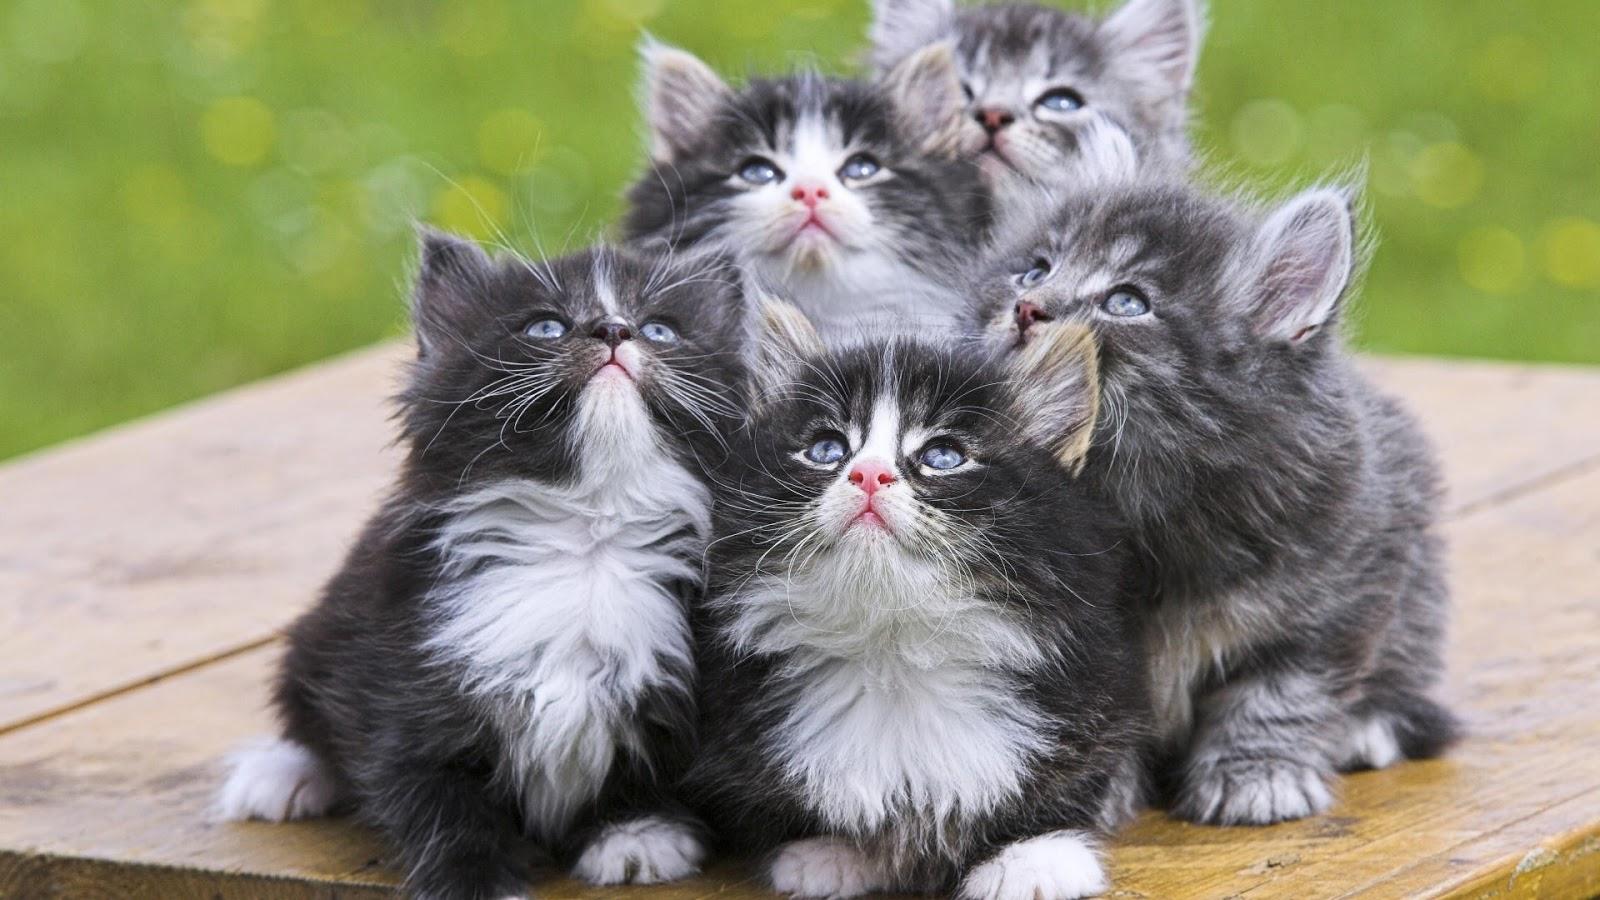 بالصور صور قطط جميلة , القطط الذ حيوان اليف 6135 2